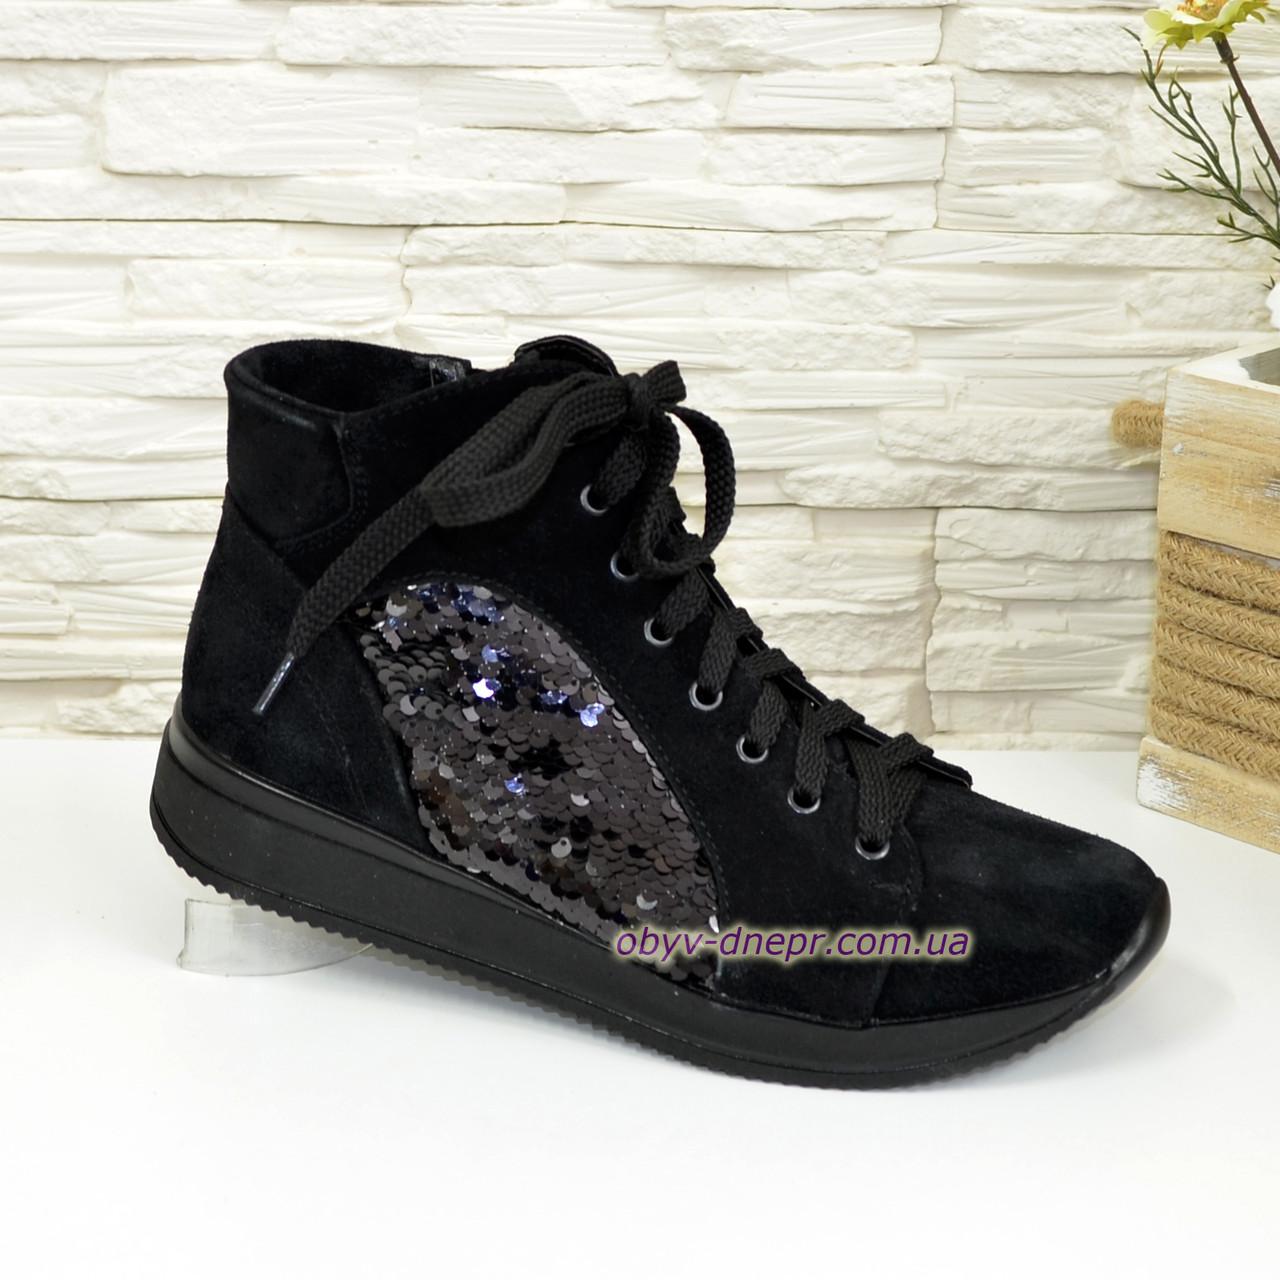 Замшевые женские ботинки   на шнуровке, декорированы пайетками.